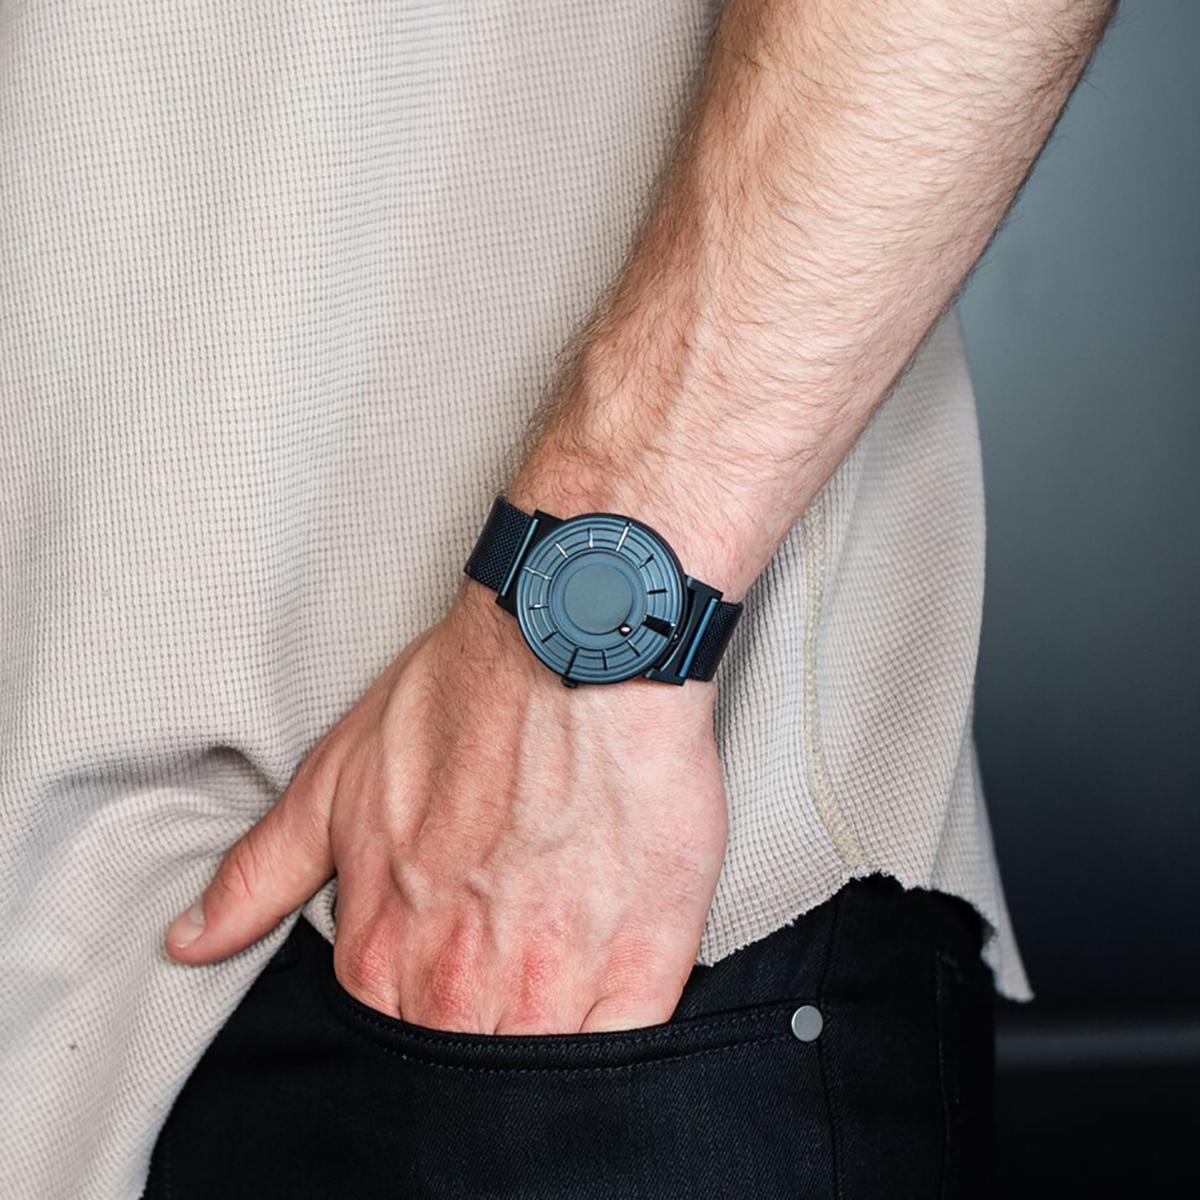 宇宙との調和を保ちながら、規則正しく動き続ける時間。その神秘とロマンを閉じ込めたタイムピース「触る時計」| EONE(COSMOS)